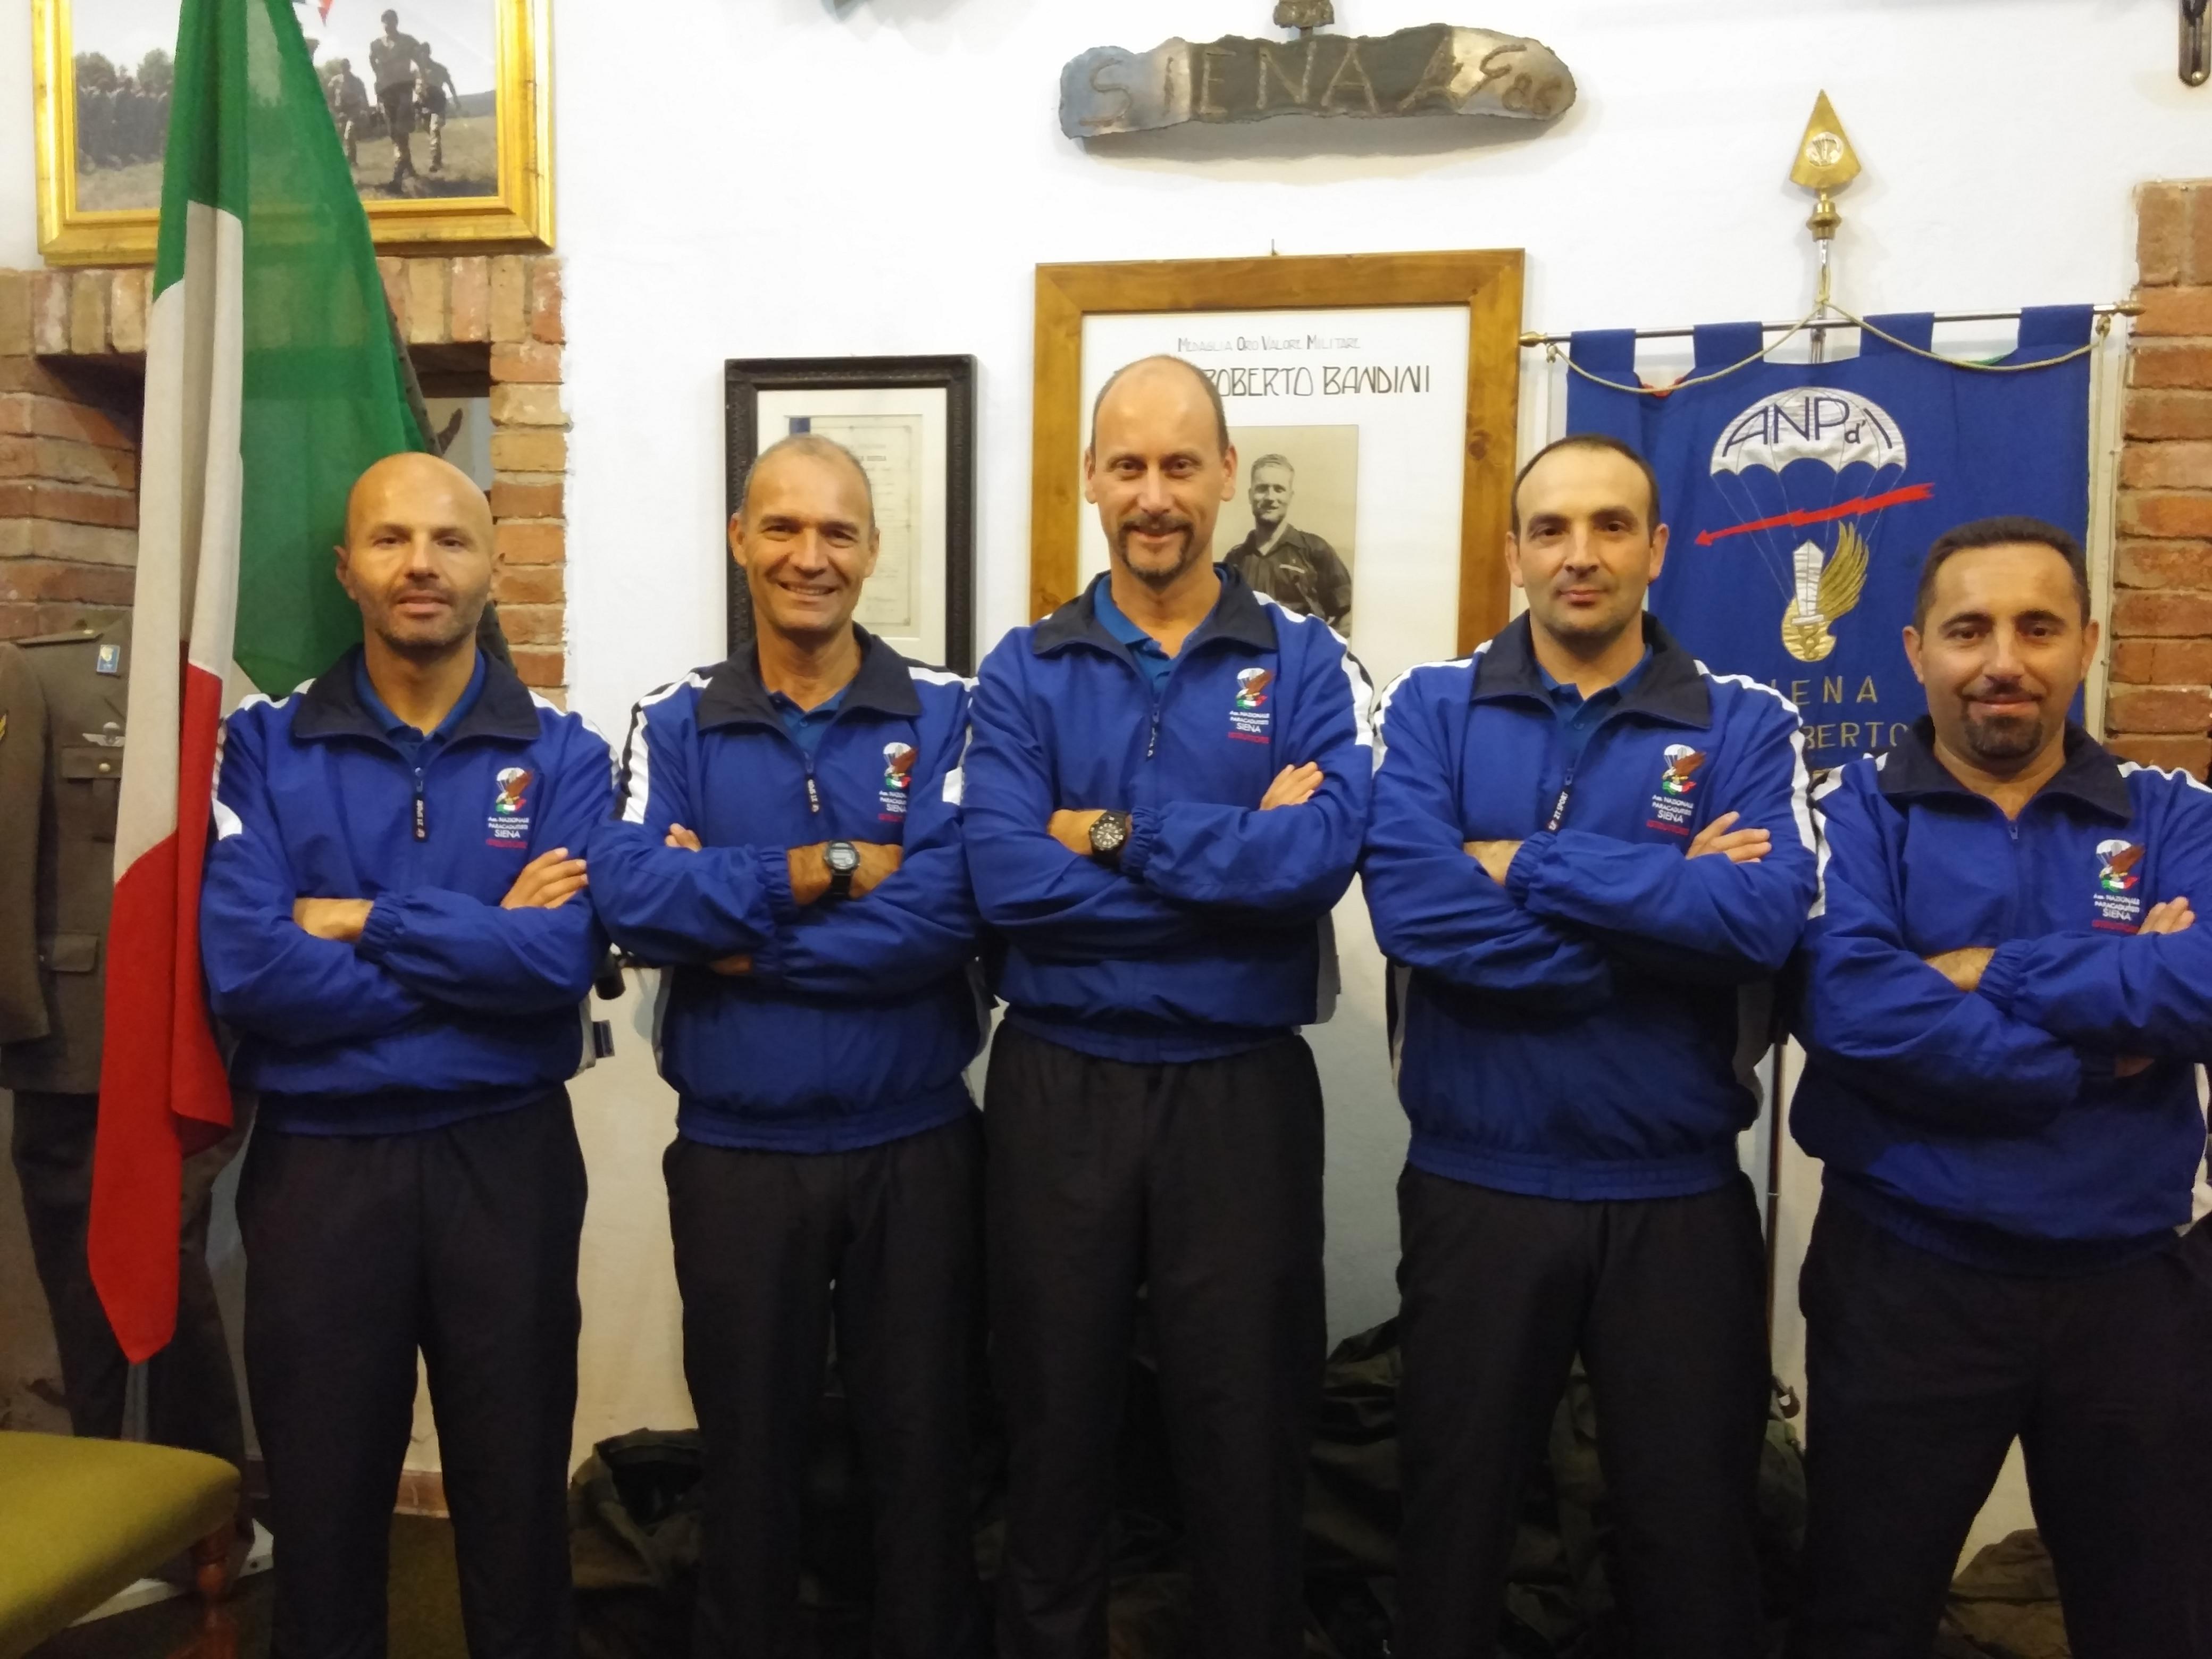 """Ecco il nostro """"Corpo Istruttori"""" composto tutto da militari effettivi al 186°Reggimento Paracadutisti """"Folgore"""" con al centro il nostro Direttore Tecnico Marco Proglio."""